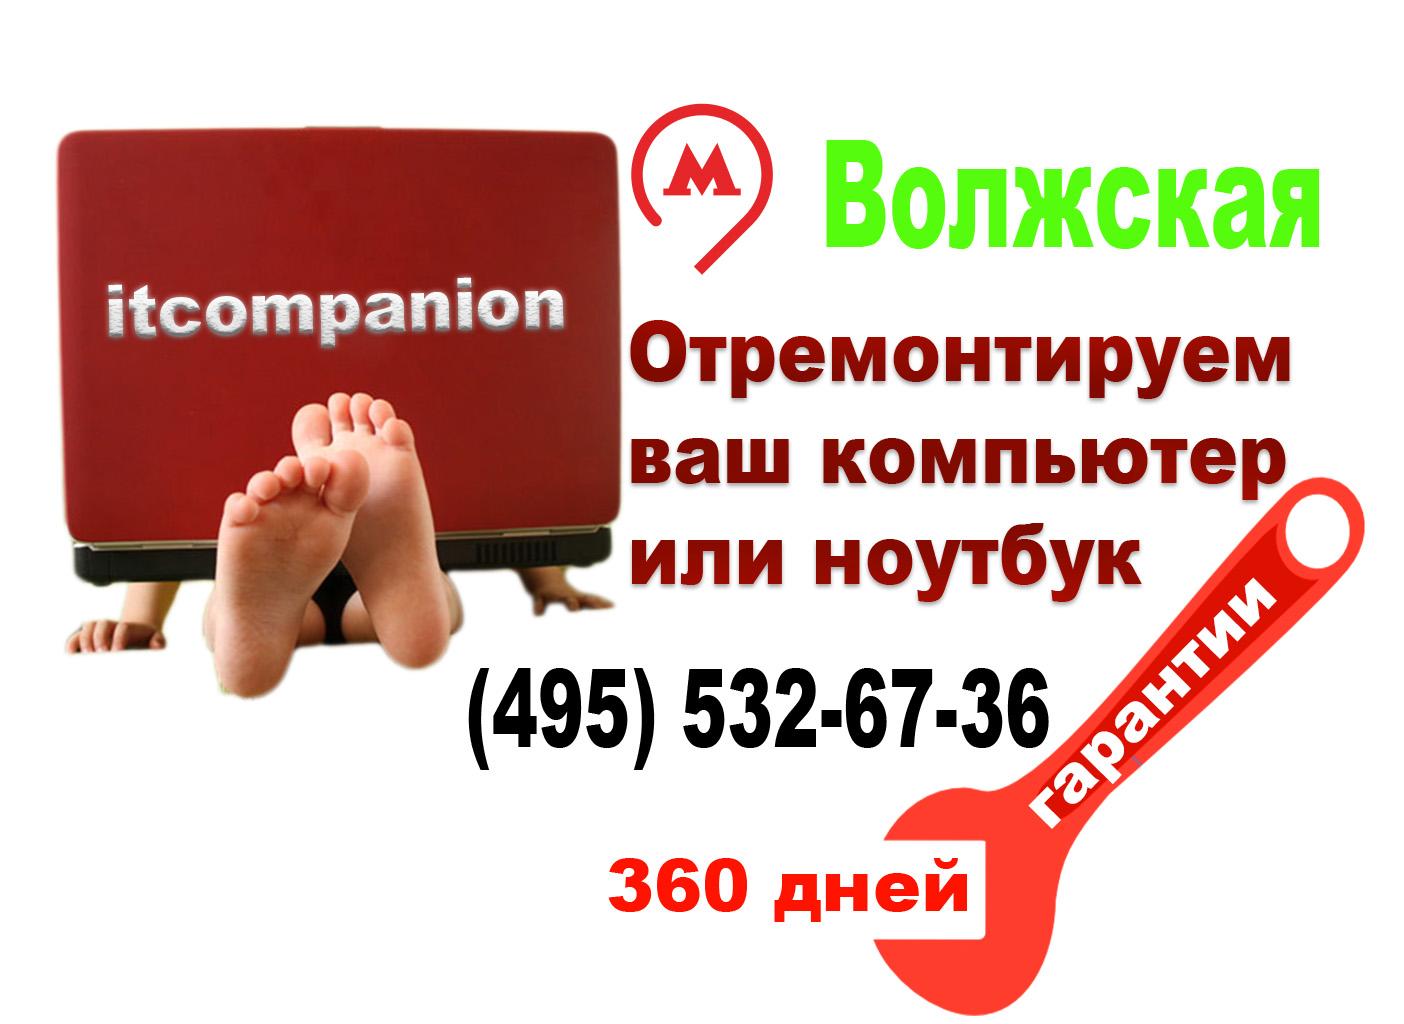 компьютерная помощь 89296400789 itcompanion.ru Волжская